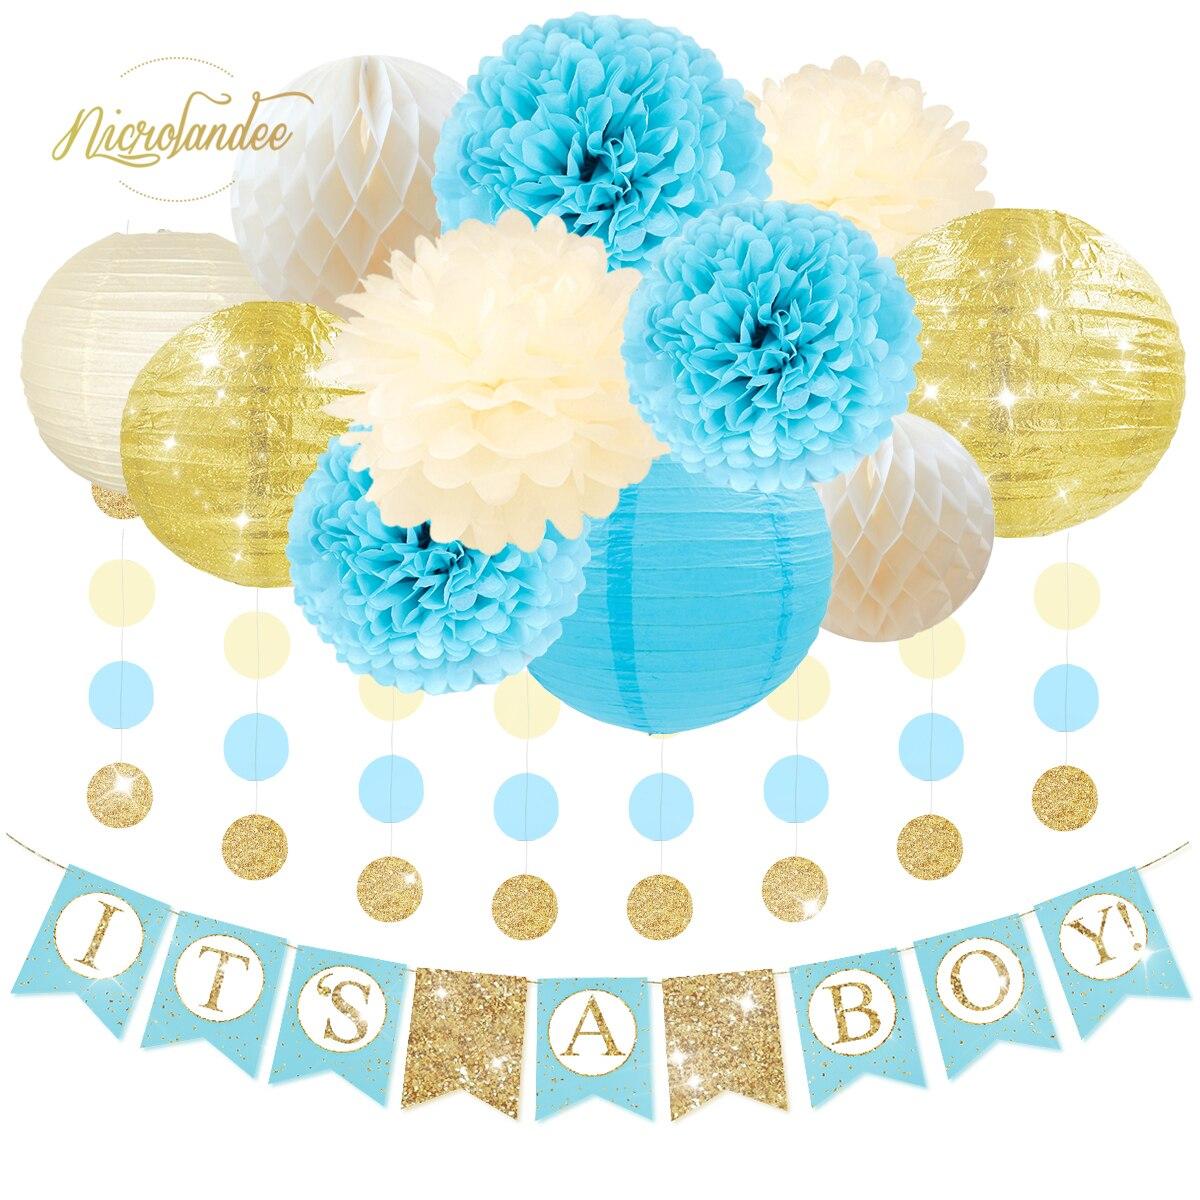 NICROLANDEE 13Pcs Género Revela o Partido DIY Decoração Lanterna De Papel Do Favo de mel Bola Flor PomPom Conjunto Baby Shower Aniversário Decoração